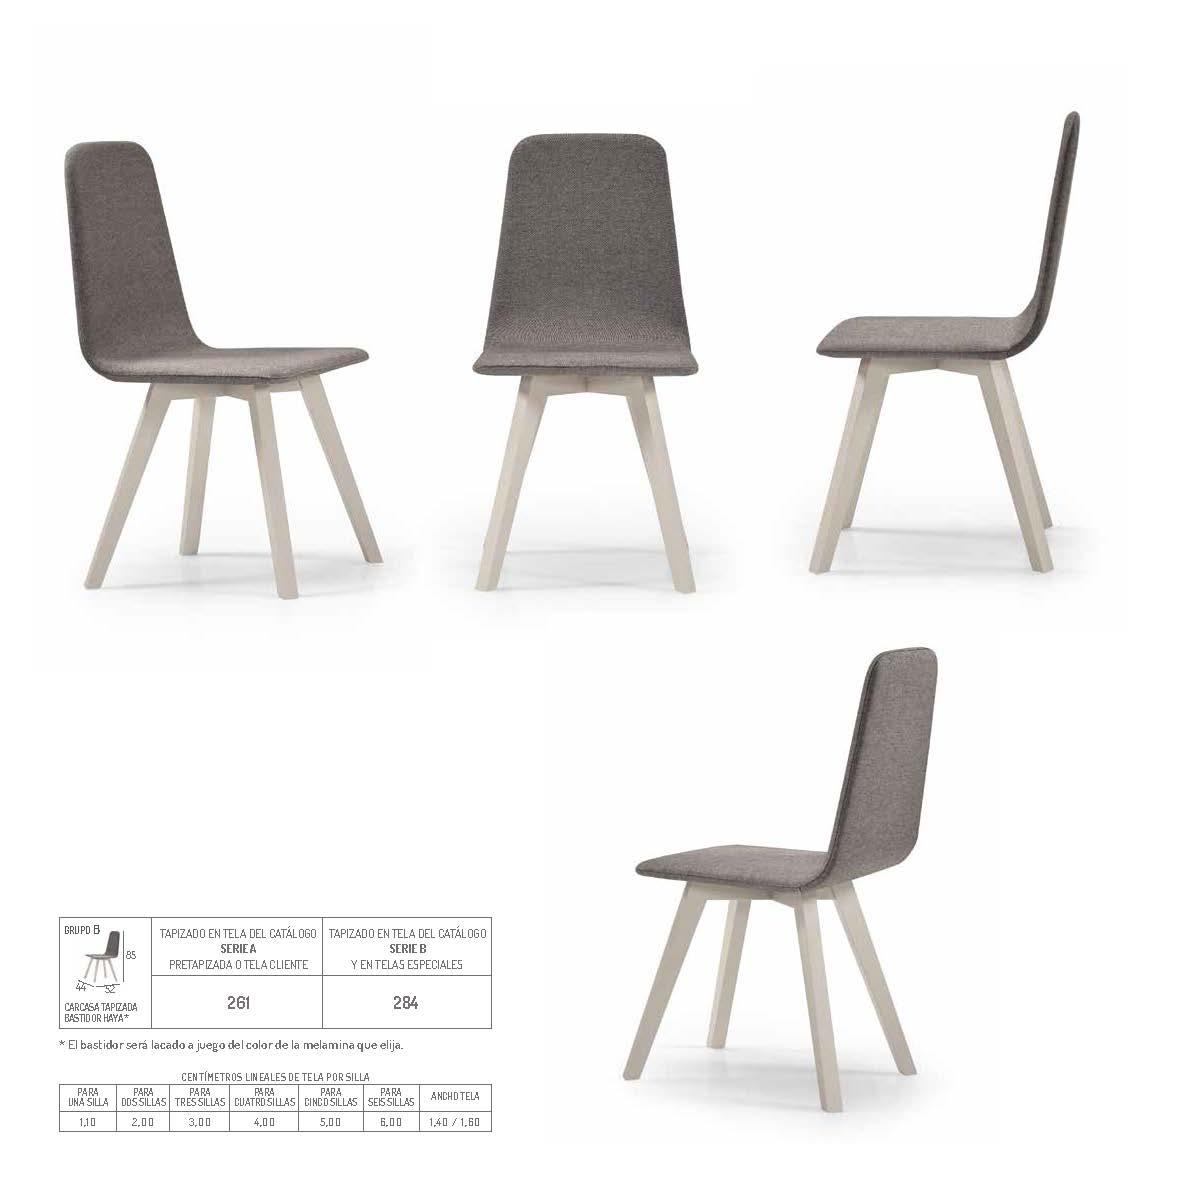 Ficha técnica de sillas de comedor 14f-0014